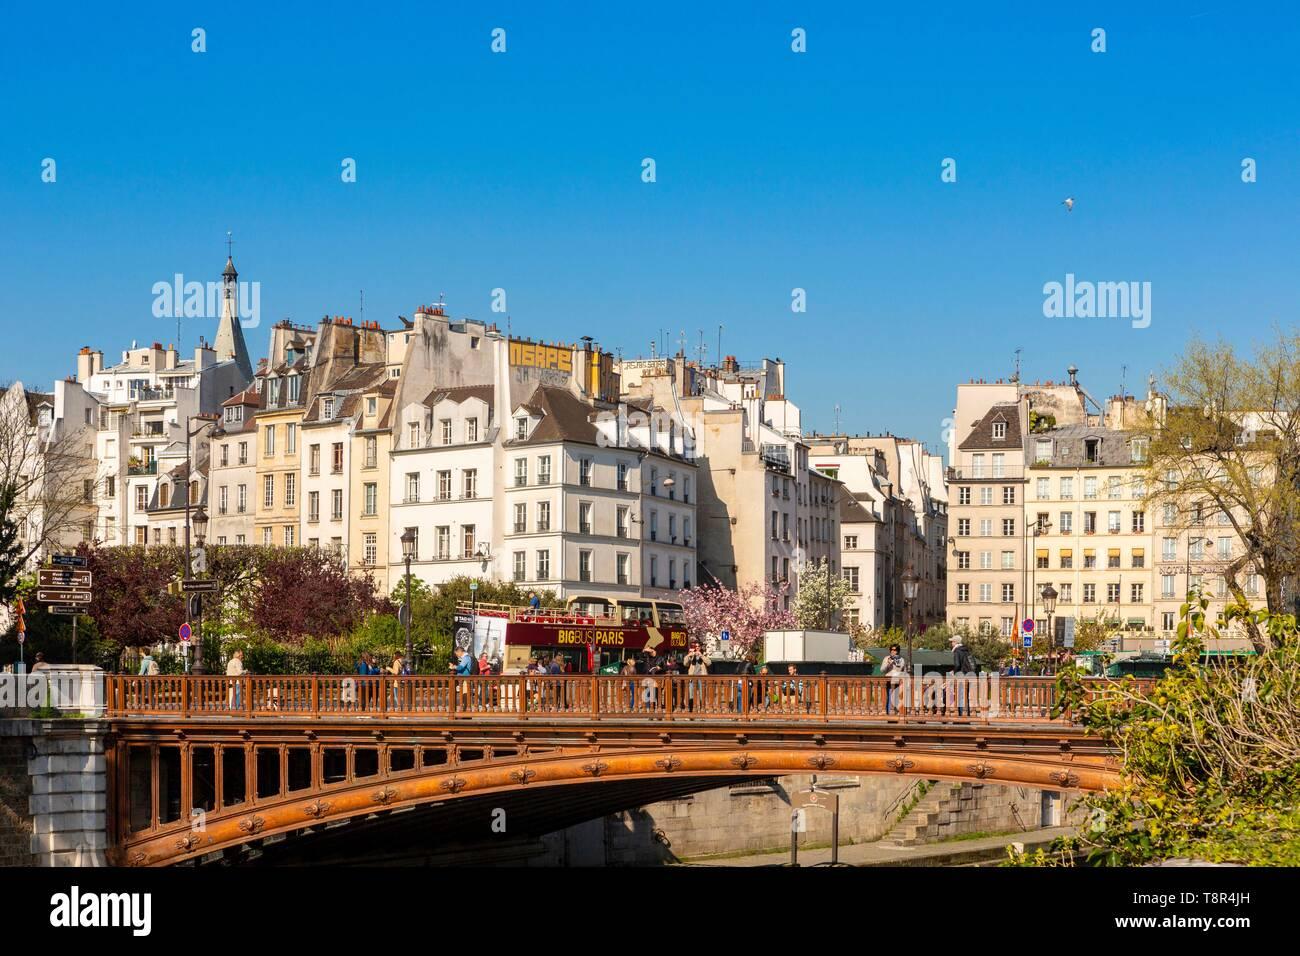 France, Paris, Saint Michel district, the double bridge - Stock Image